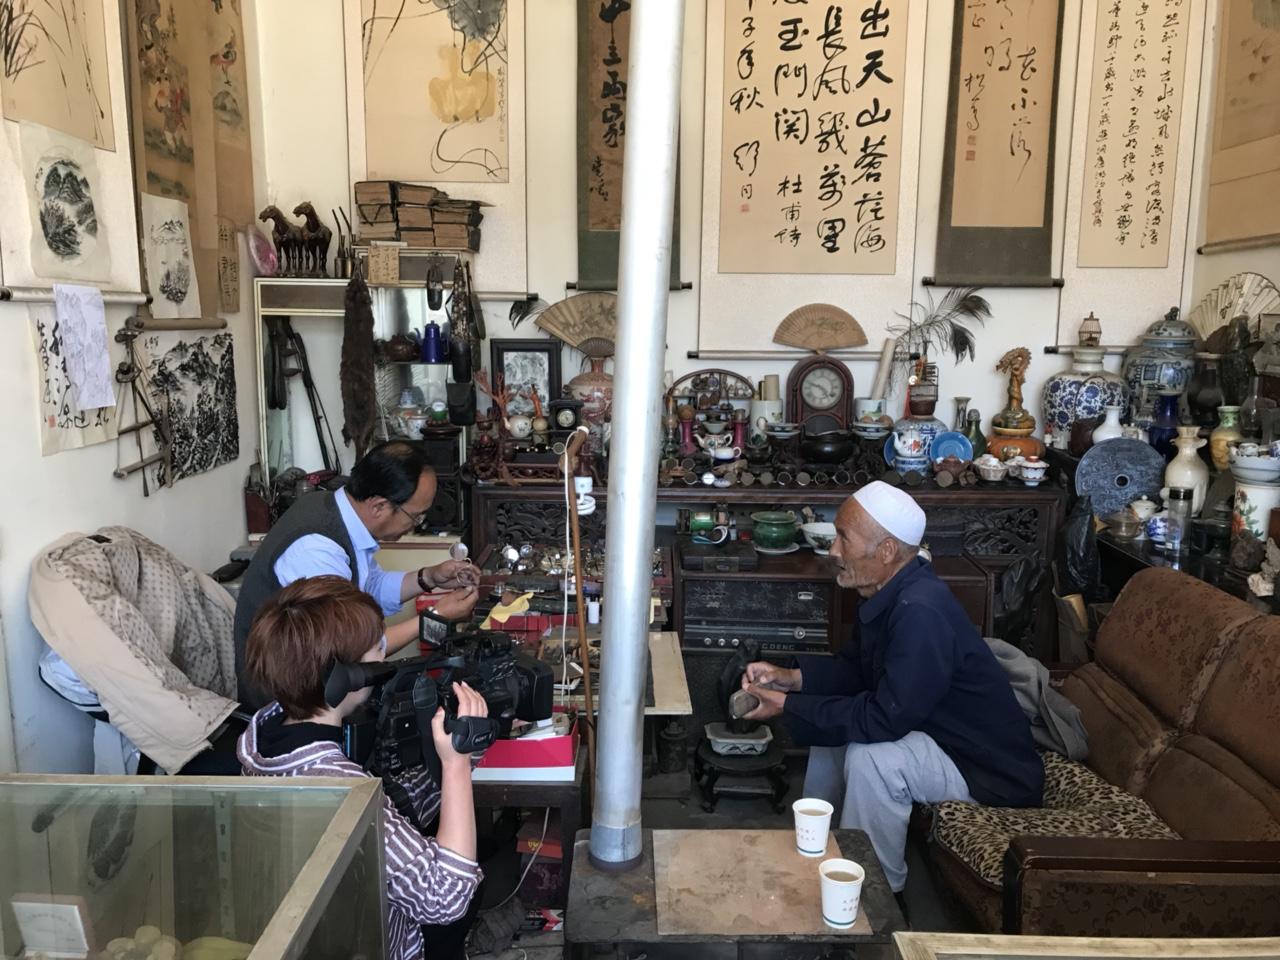 【高手在民间】张家川县电视台挖掘�访民间艺人铁世义